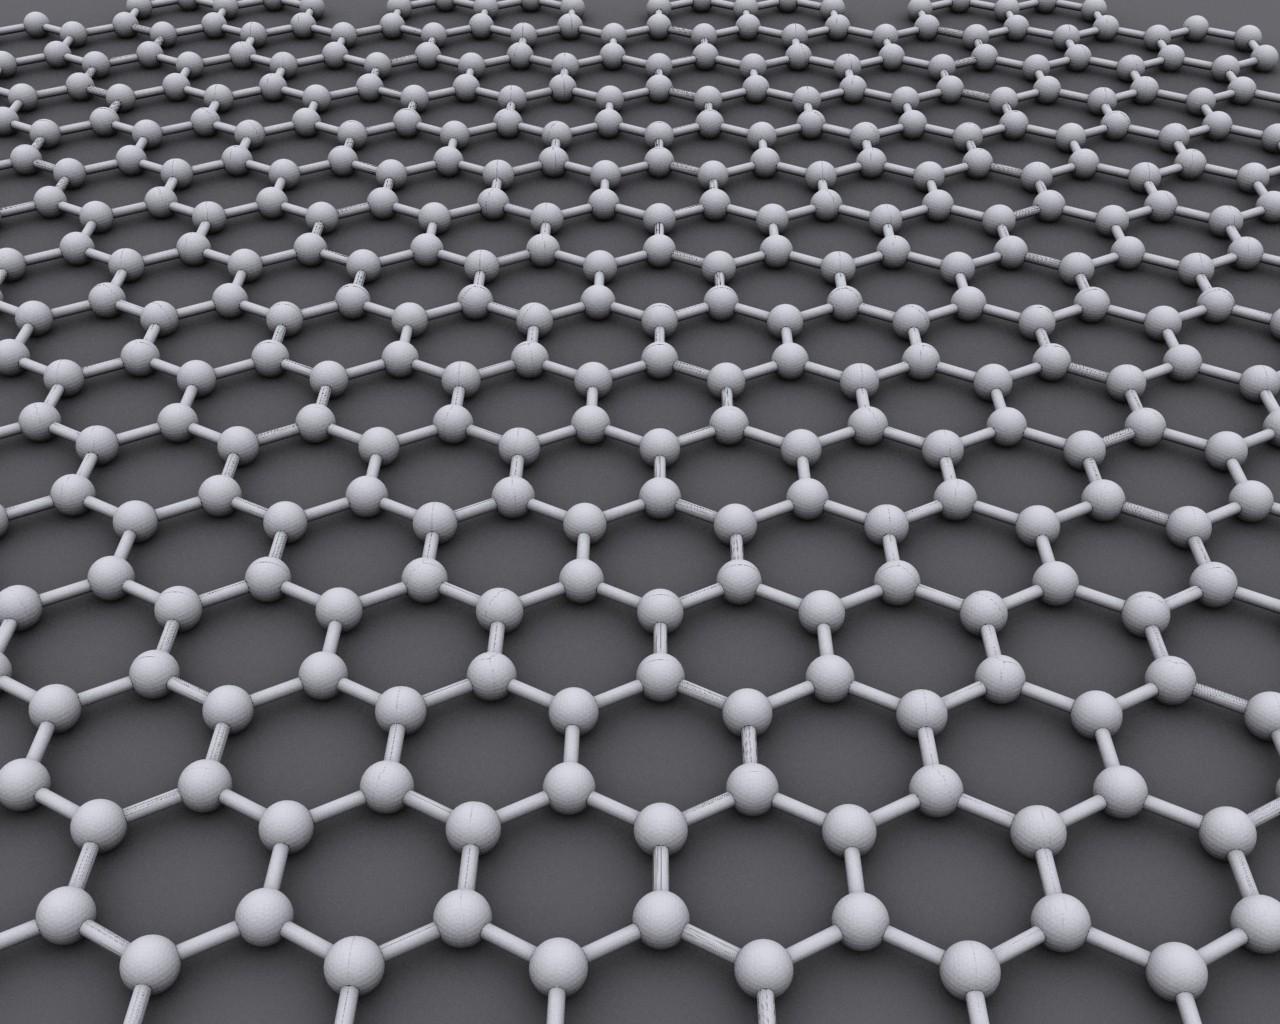 Representação gráfica do grafeno, um retículo hexagonal feito inteiramente de átomos de carbono. (Foto: Creative Commons)